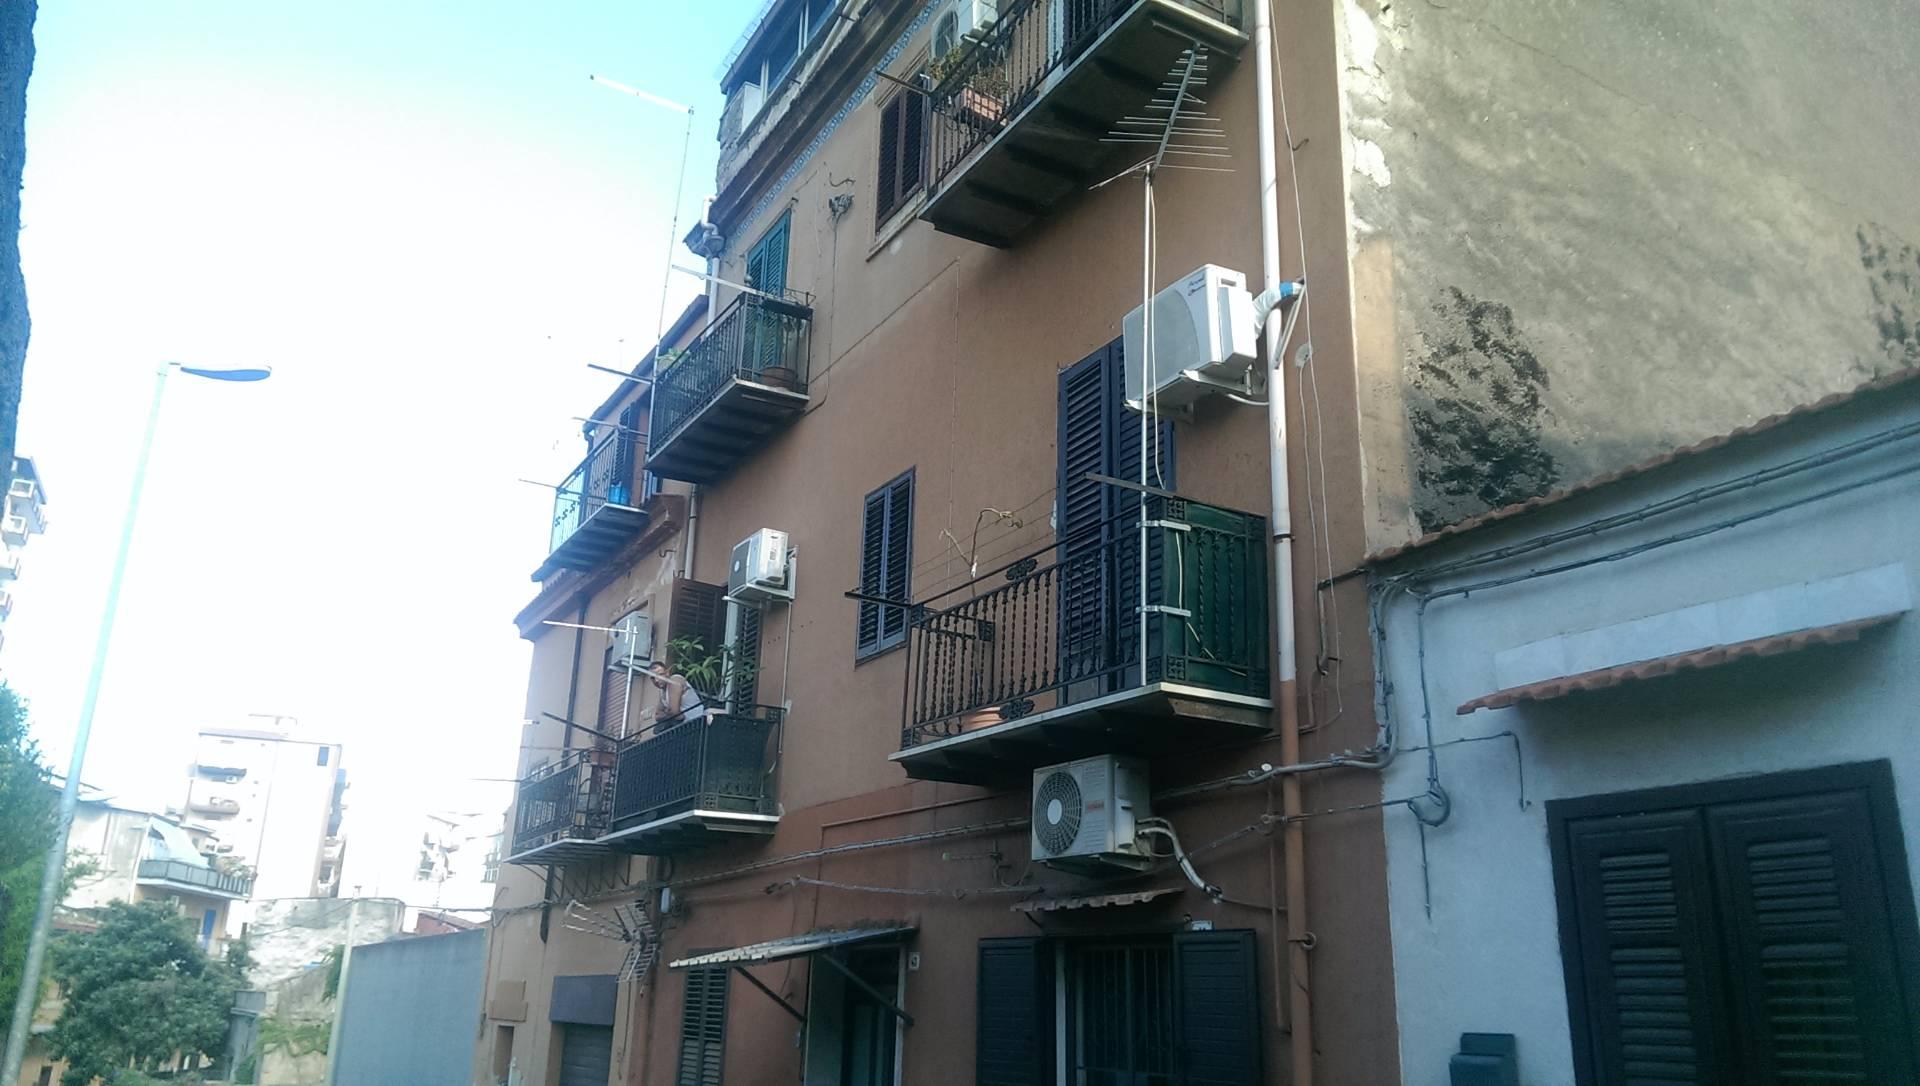 Appartamento in vendita a Palermo, 3 locali, zona Zona: Montepellegrino, prezzo € 95.000 | Cambio Casa.it